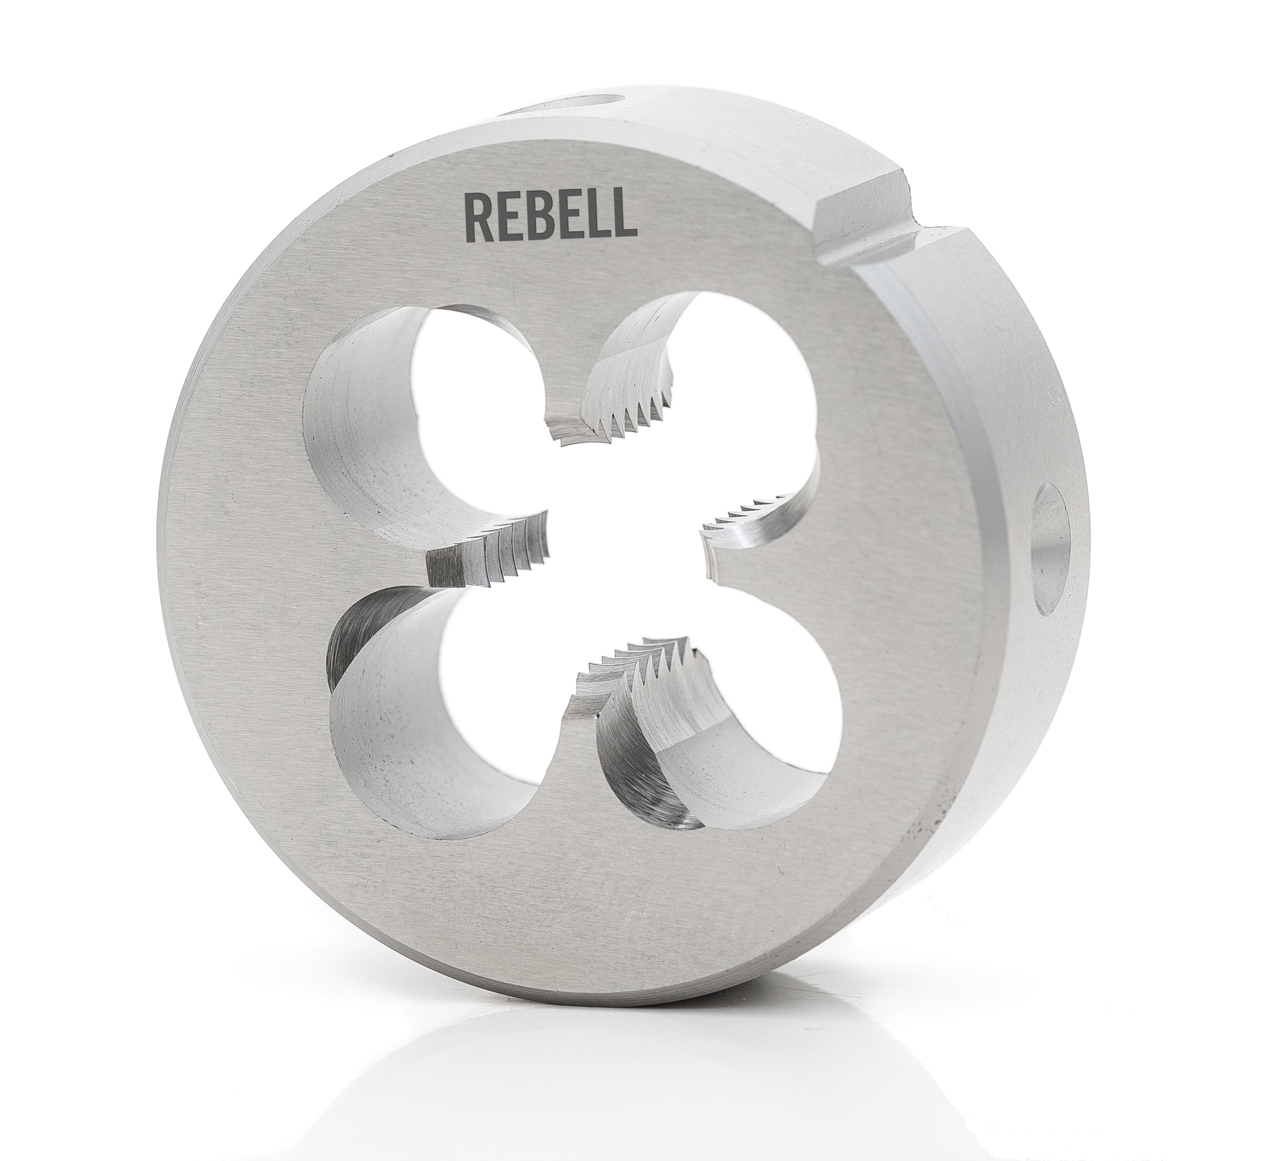 REBELL Schneideisen M RH 6g HSSE geläppt - EN 22568 - Typ VA